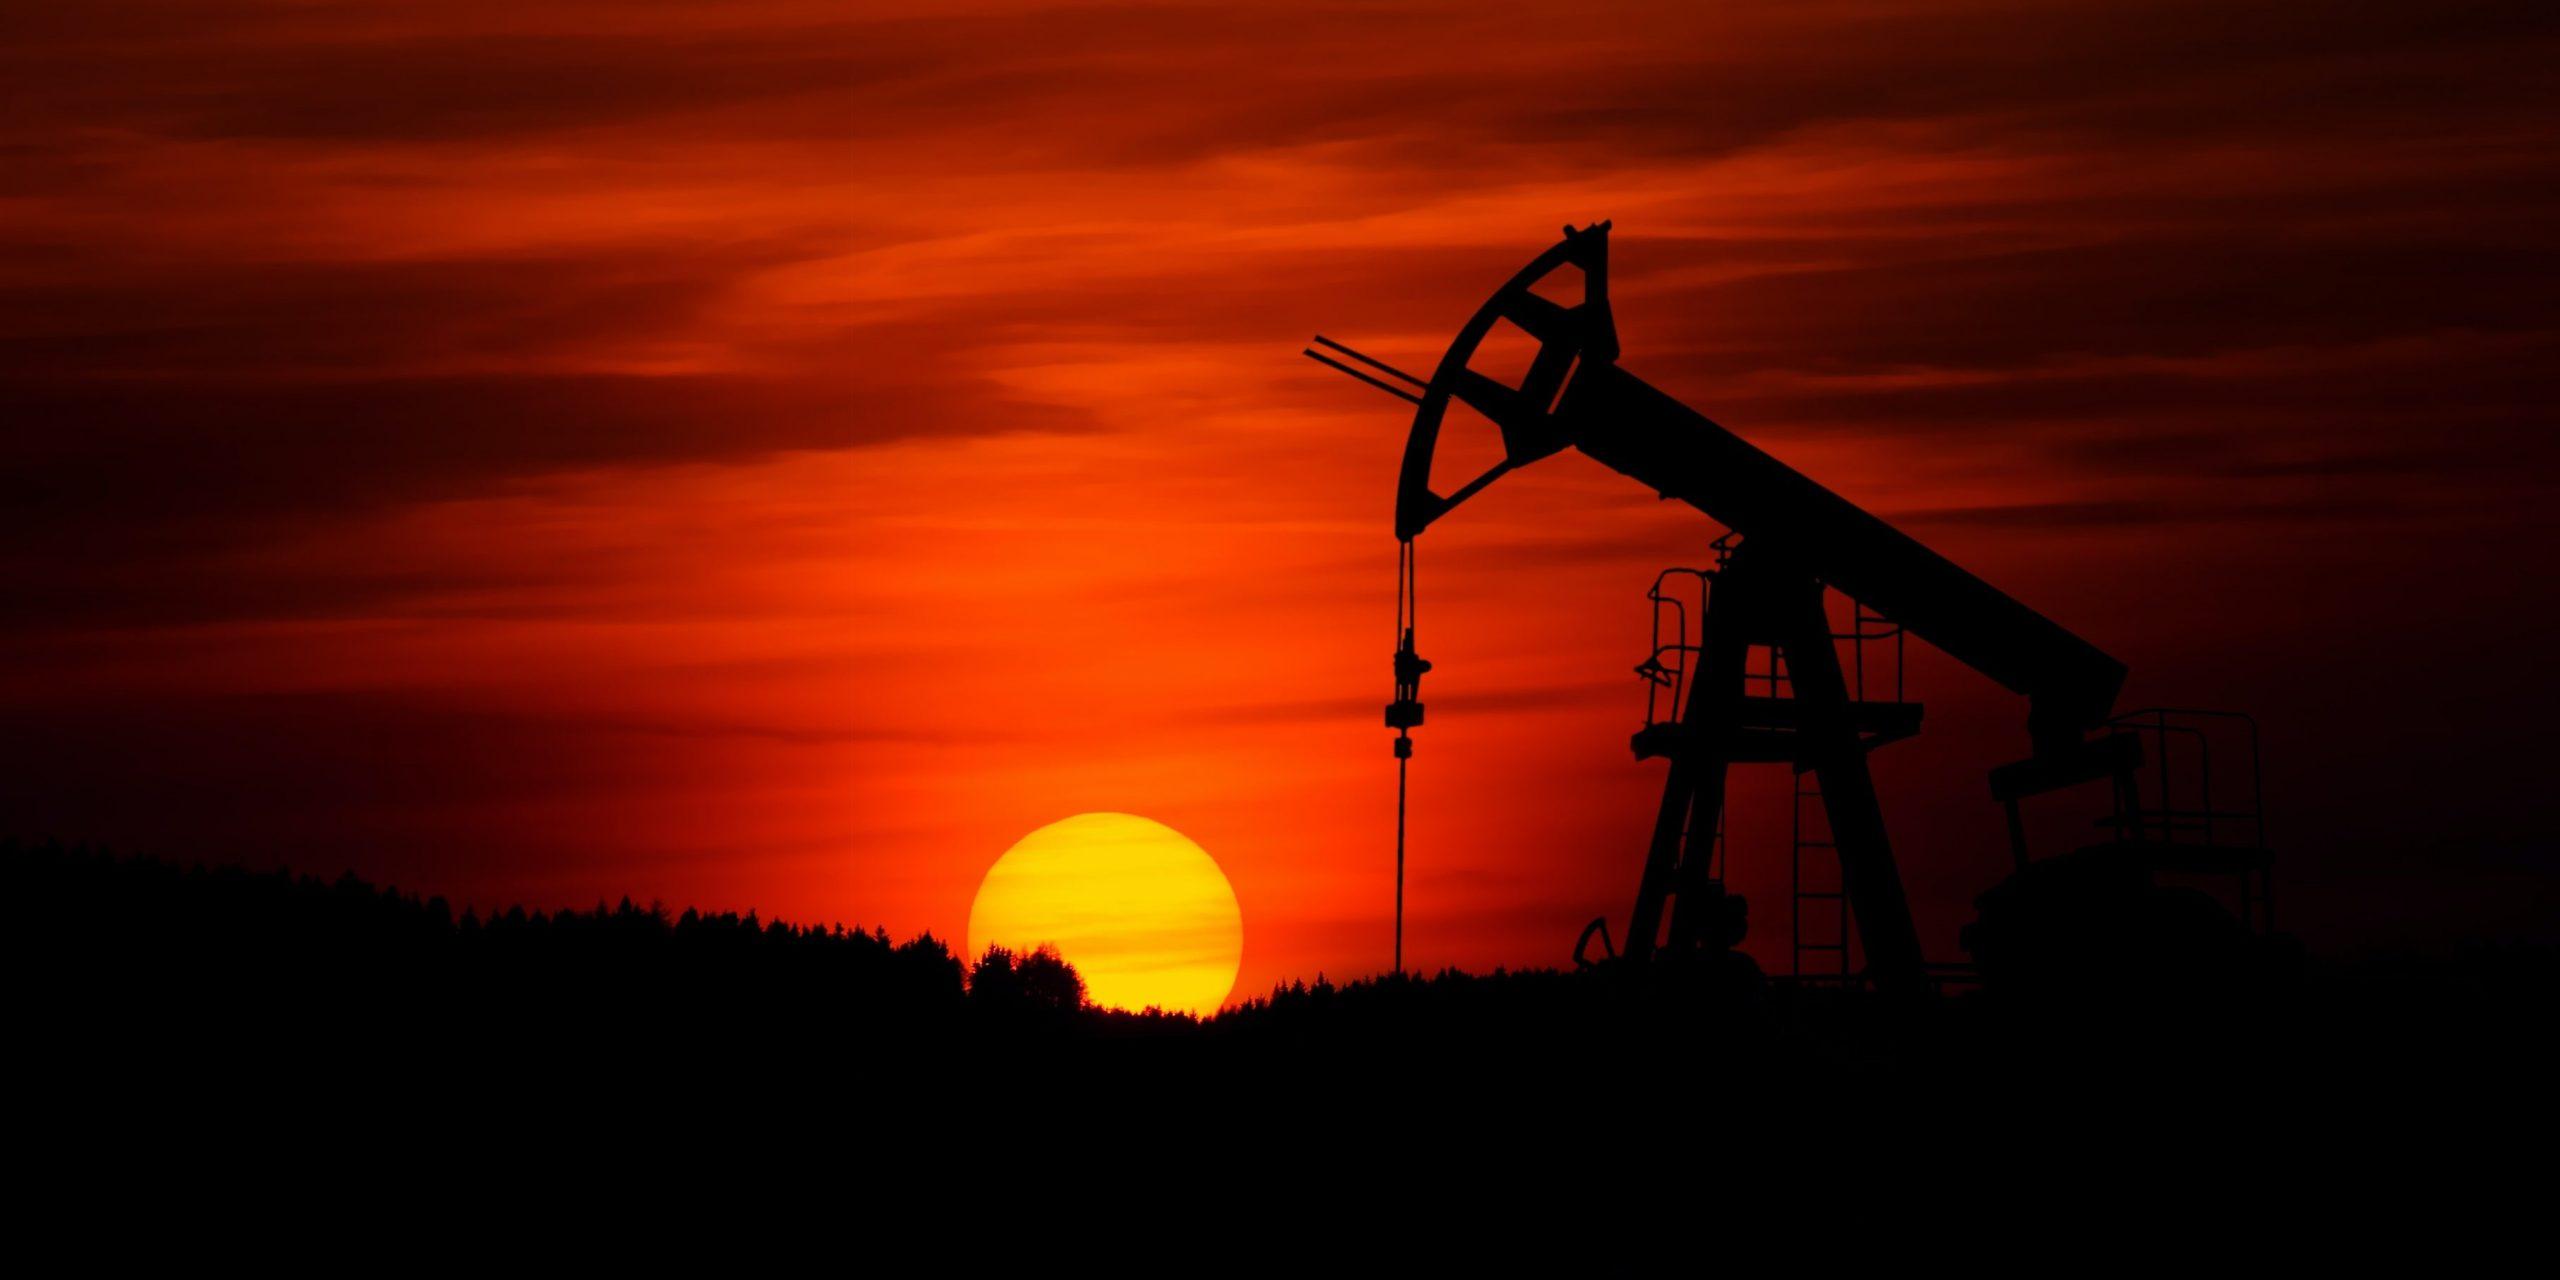 «Газпром нефть» планирует через пять лет запустить технологию добычи нефти без участия людей